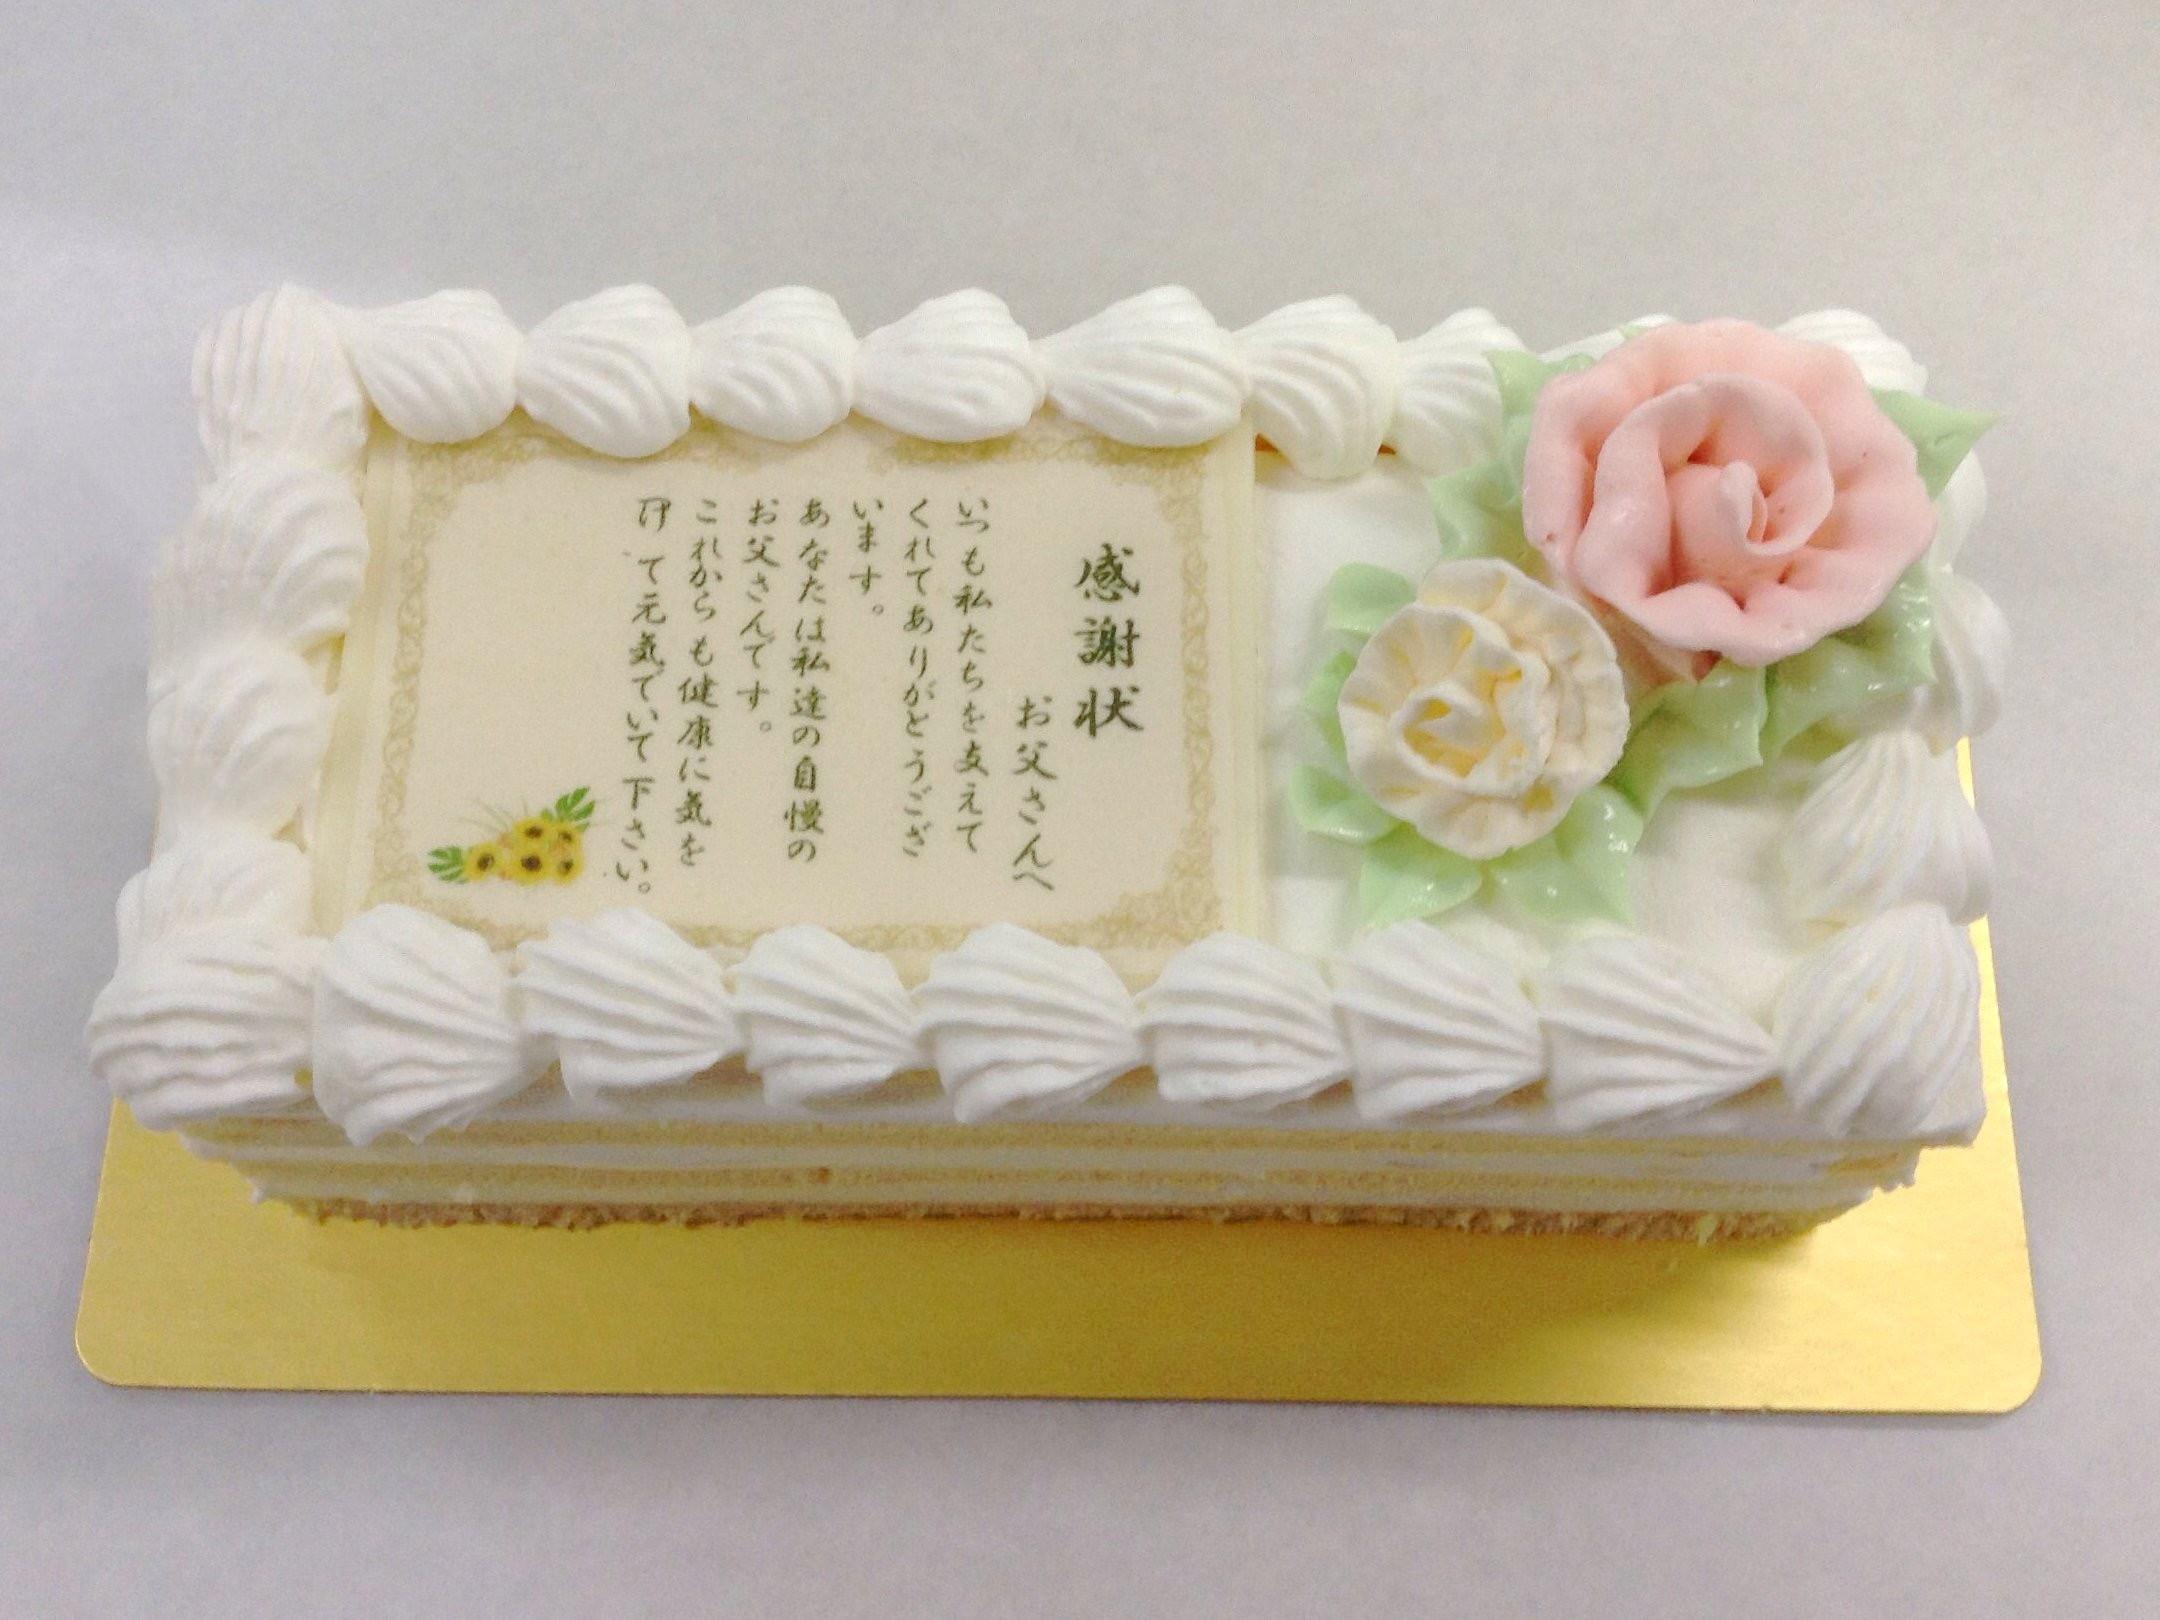 感謝状生クリームケーキ 約18cmx約7.5cm(高さ)約7cm